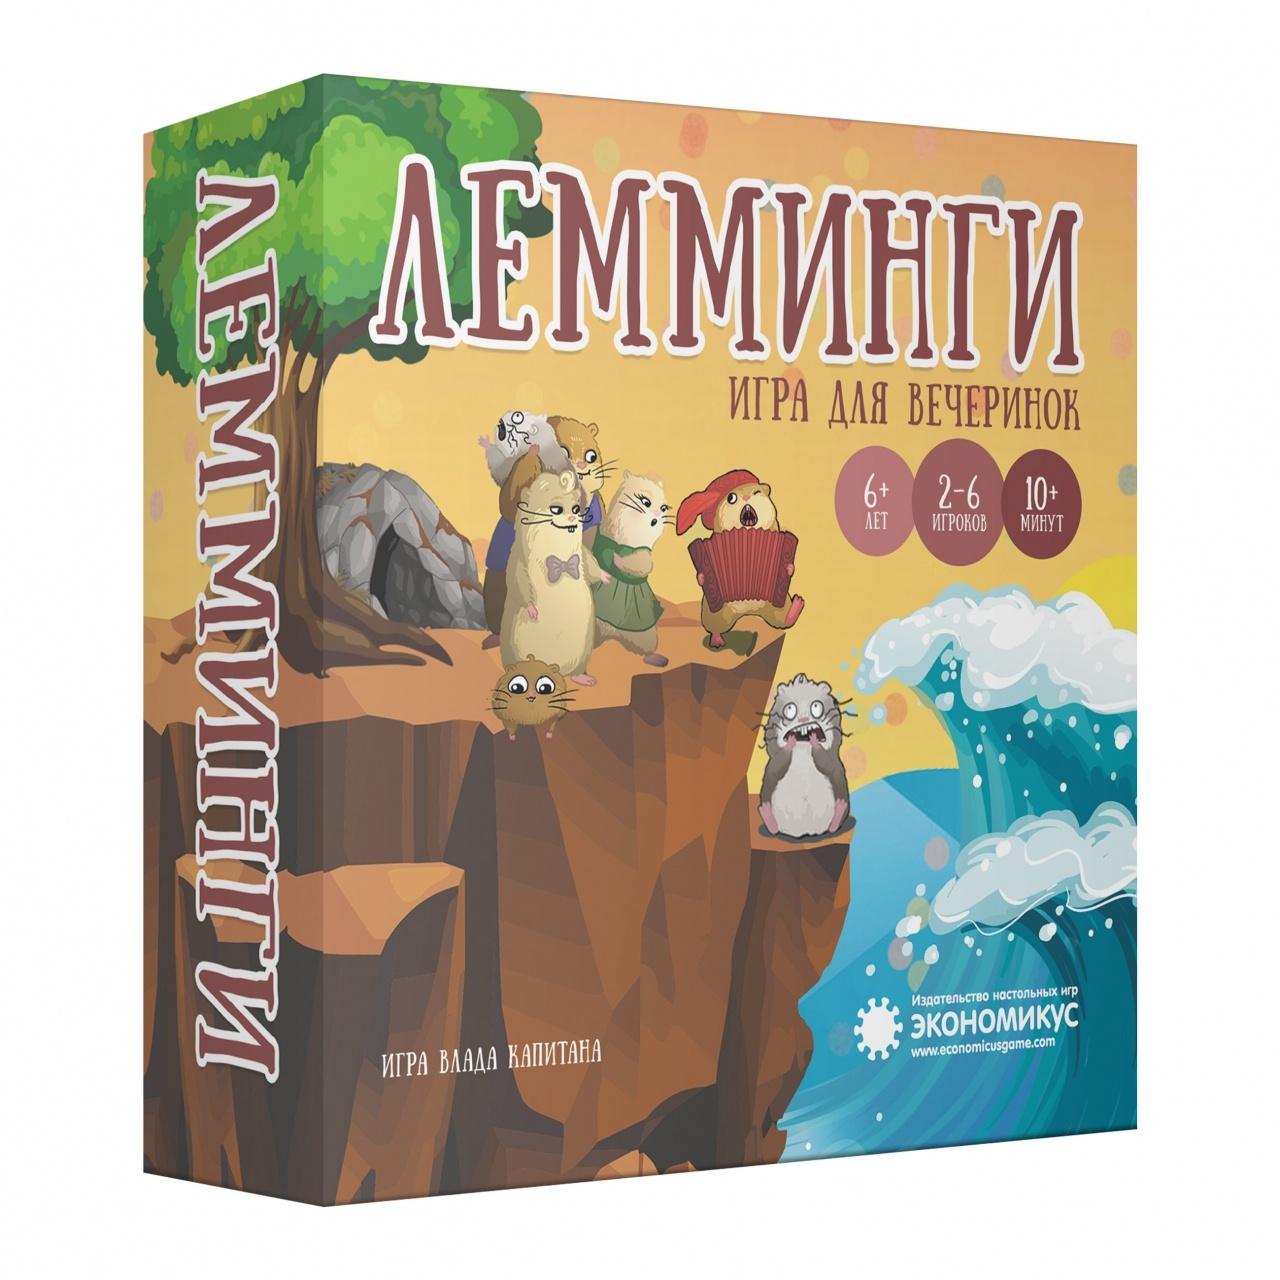 Настольная игра ЭКОНОМИКУС Лемминги (2-е изд.)